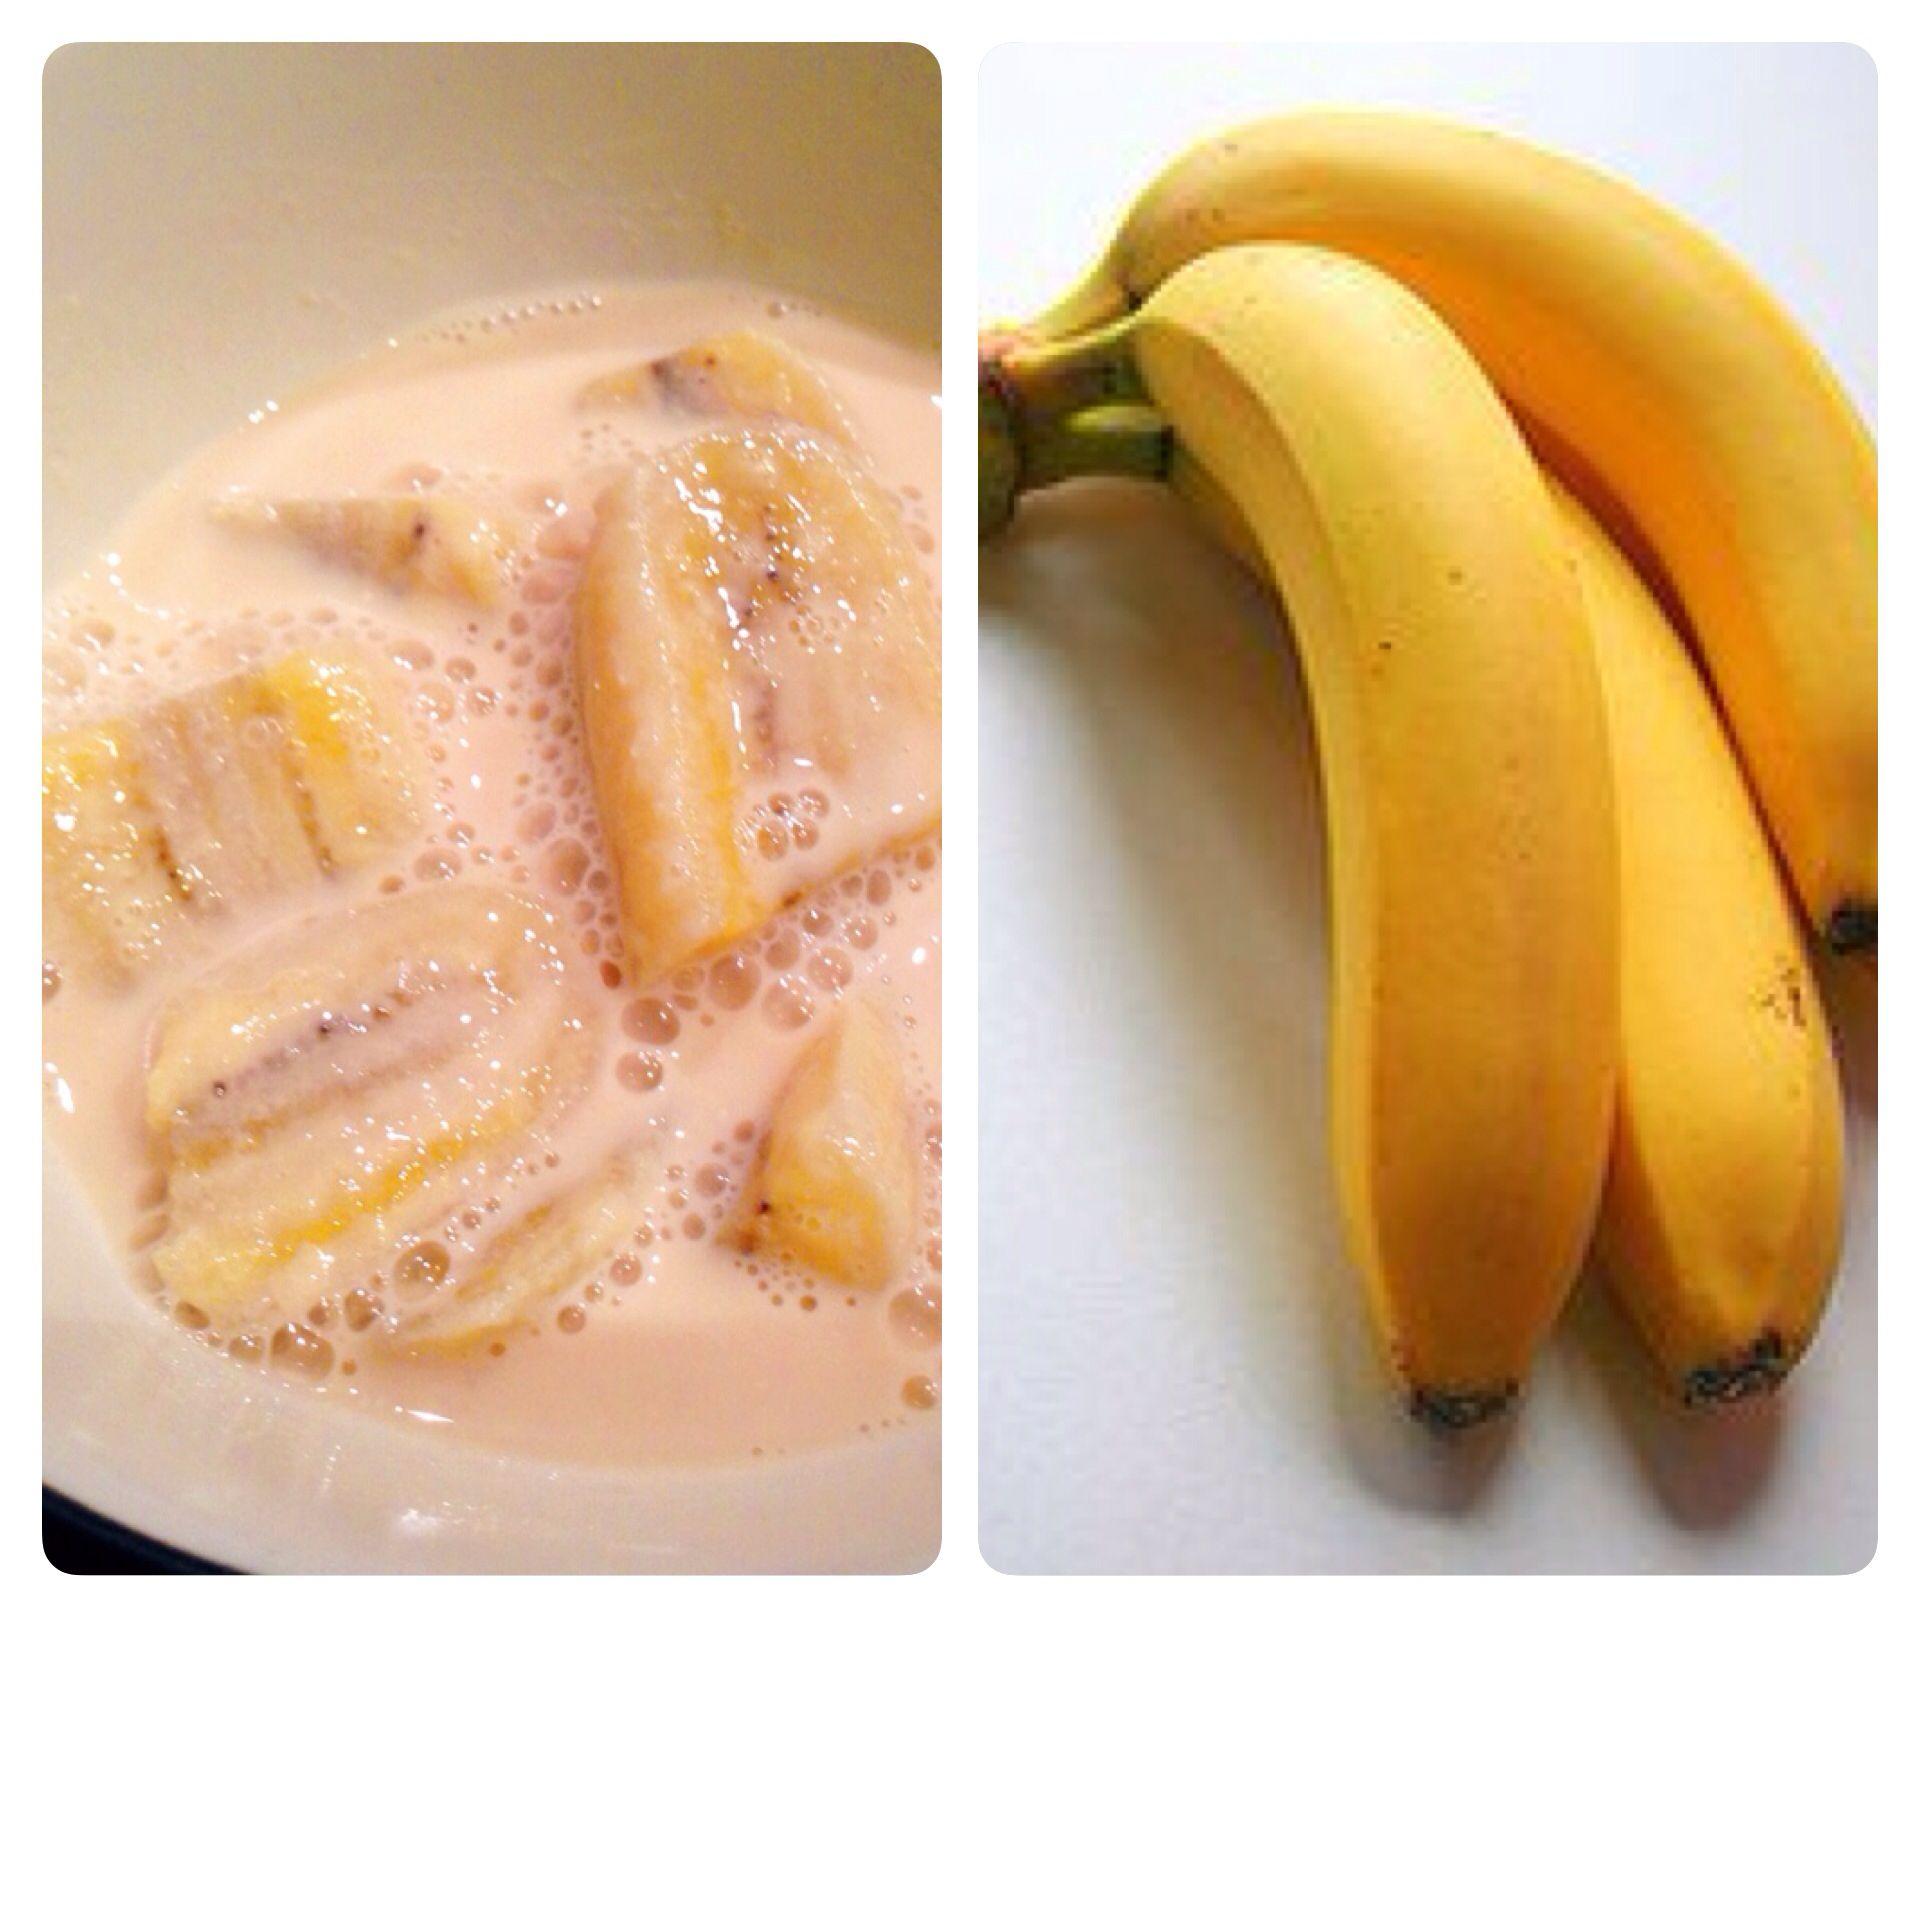 Who is useful banana bath 62